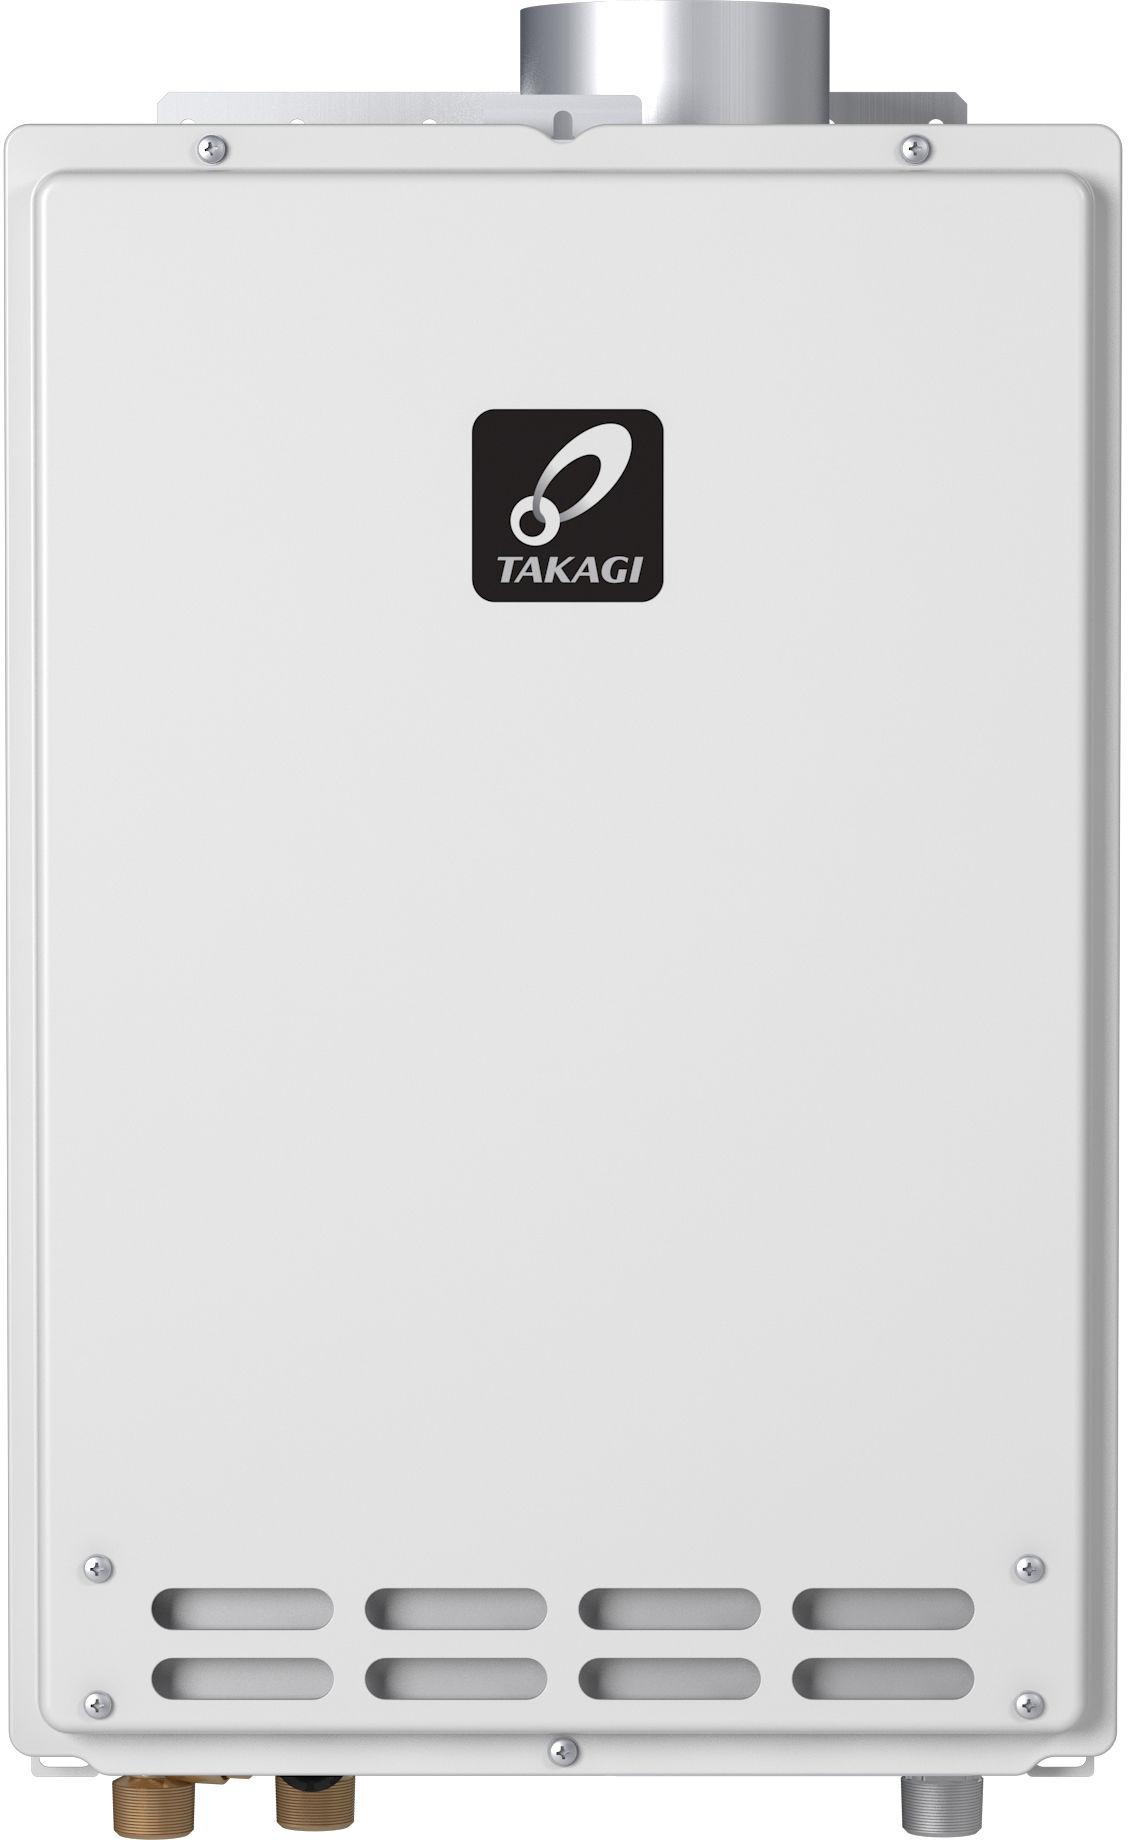 Takagi 9007667005 Direct Vent Conversion Kit